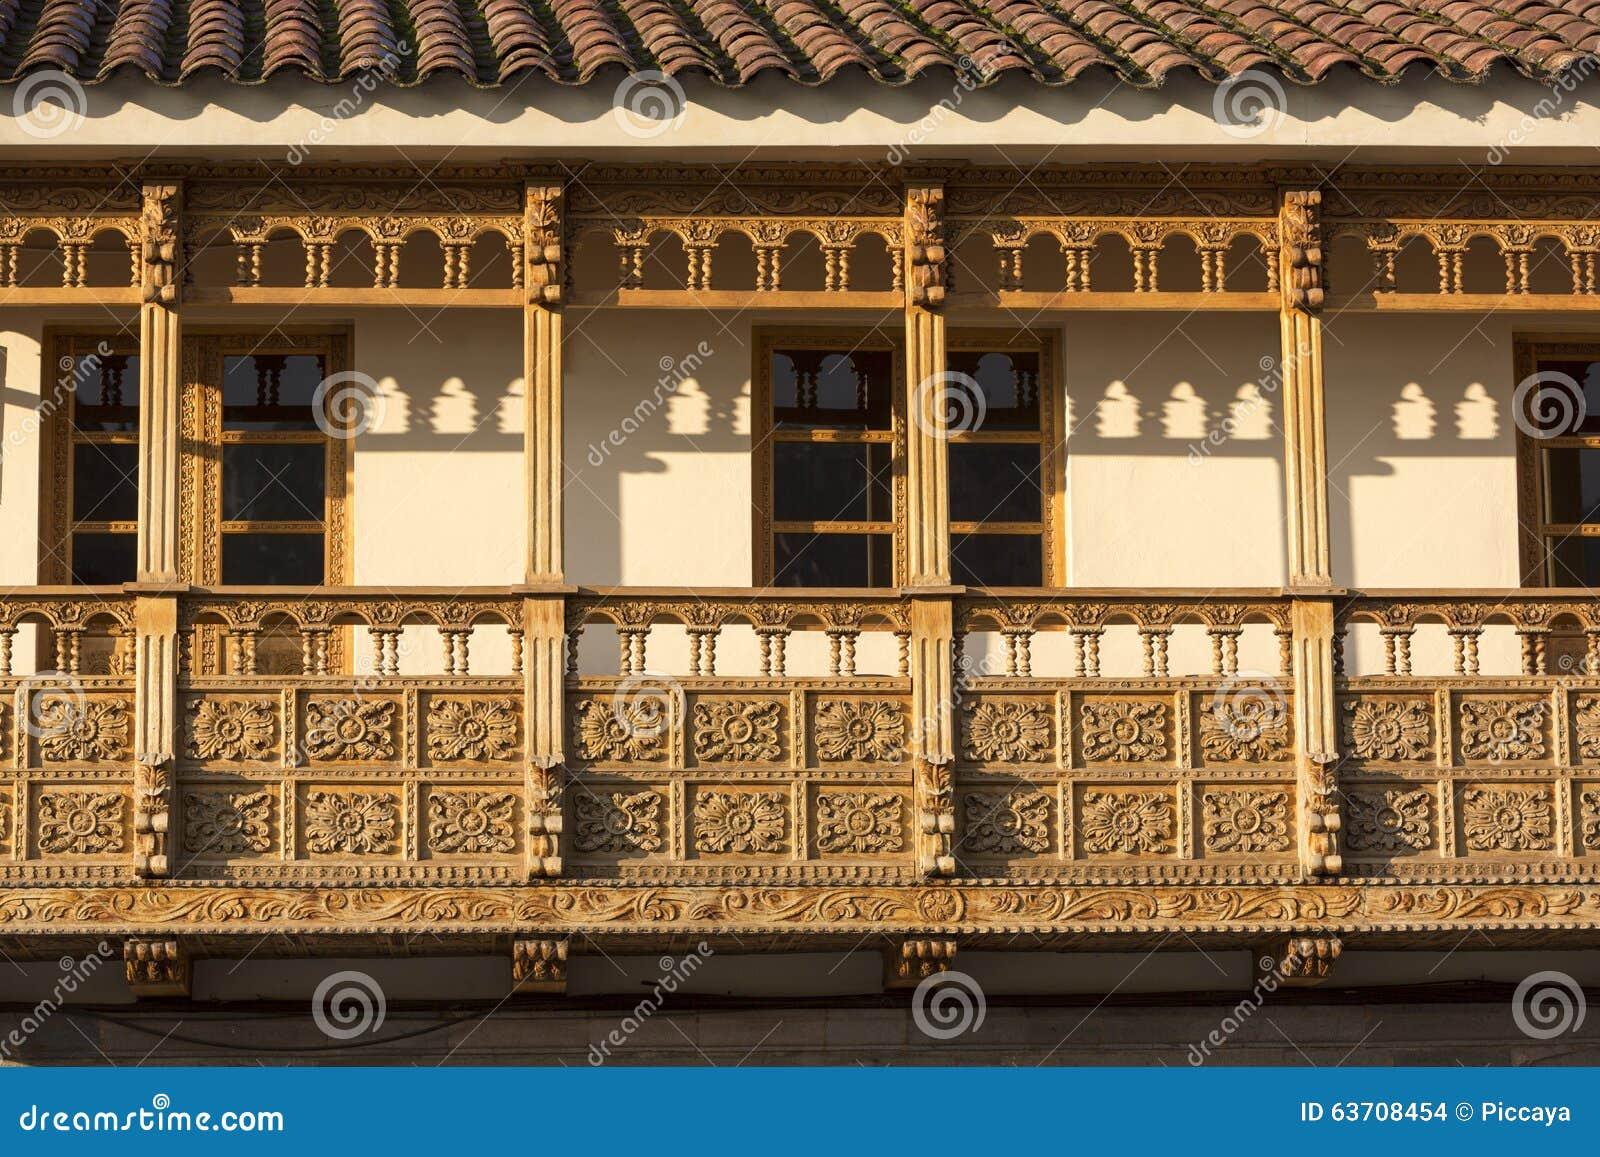 Colonial rustic wooden balconies in cusco peru stock - Balcones de madera ...